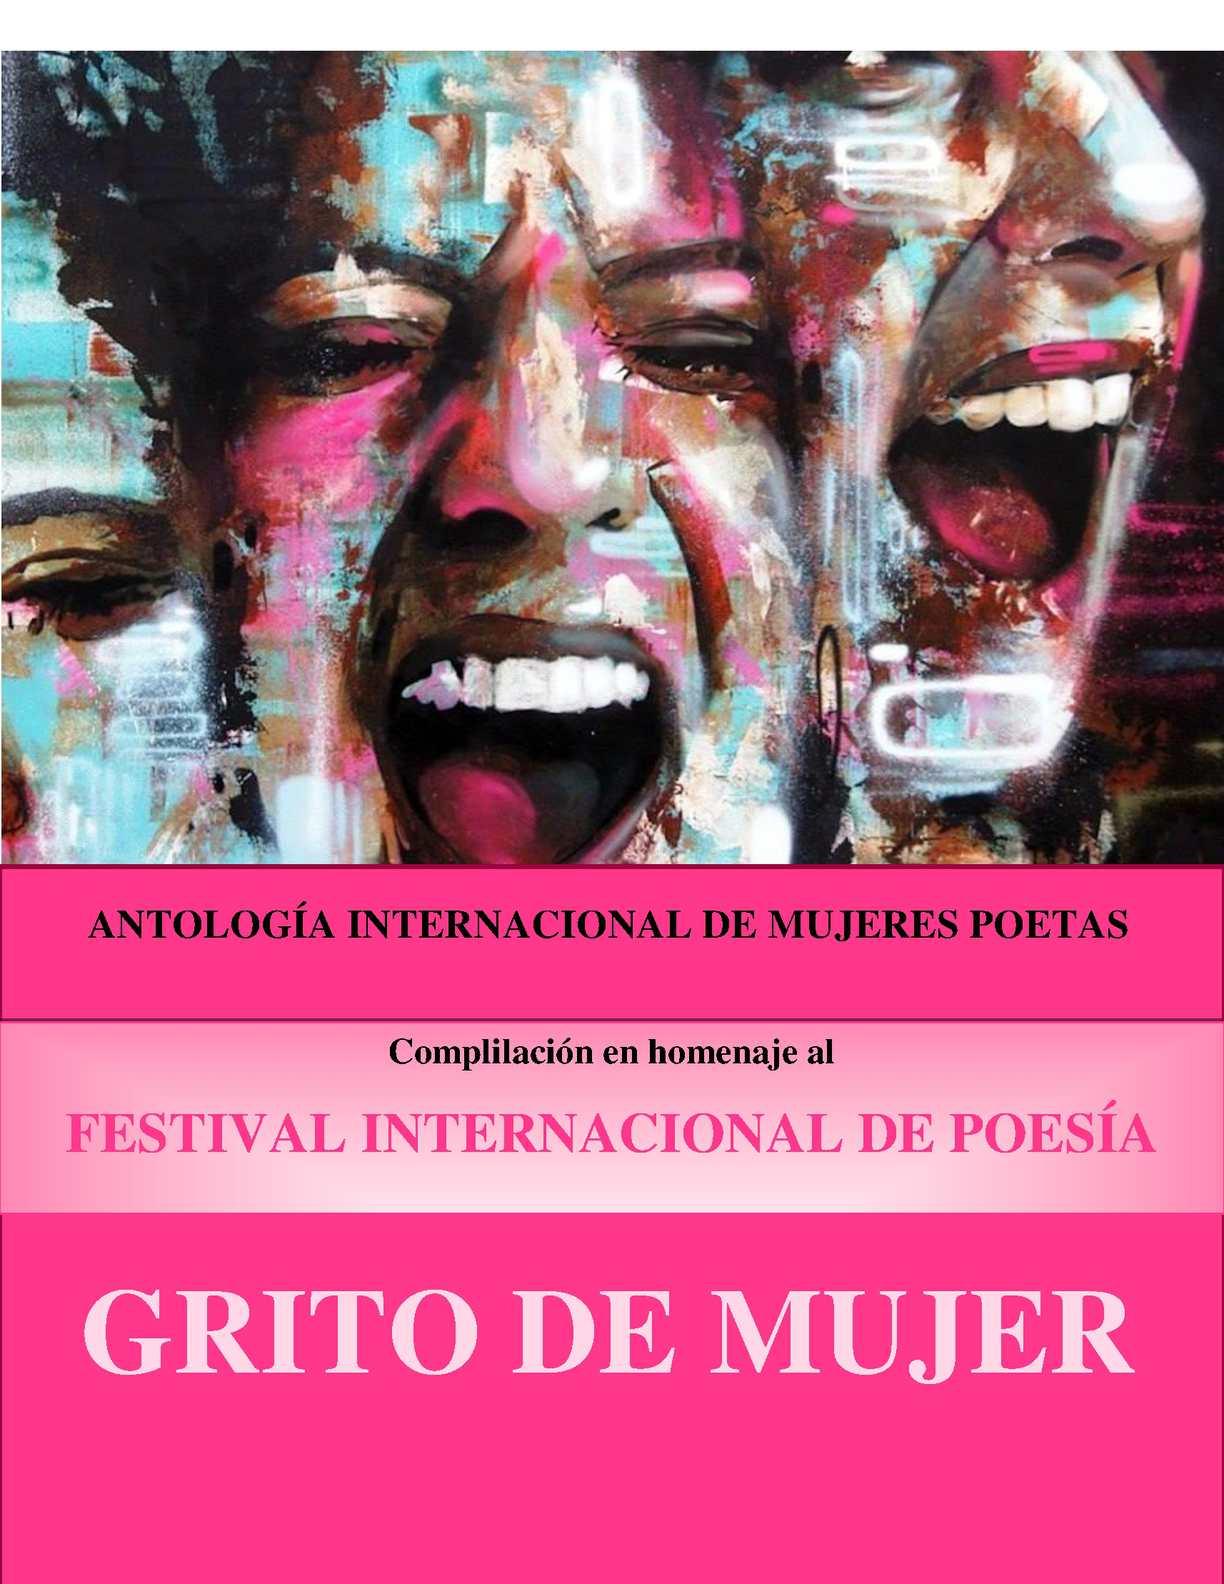 Oral de gloria - 5 3